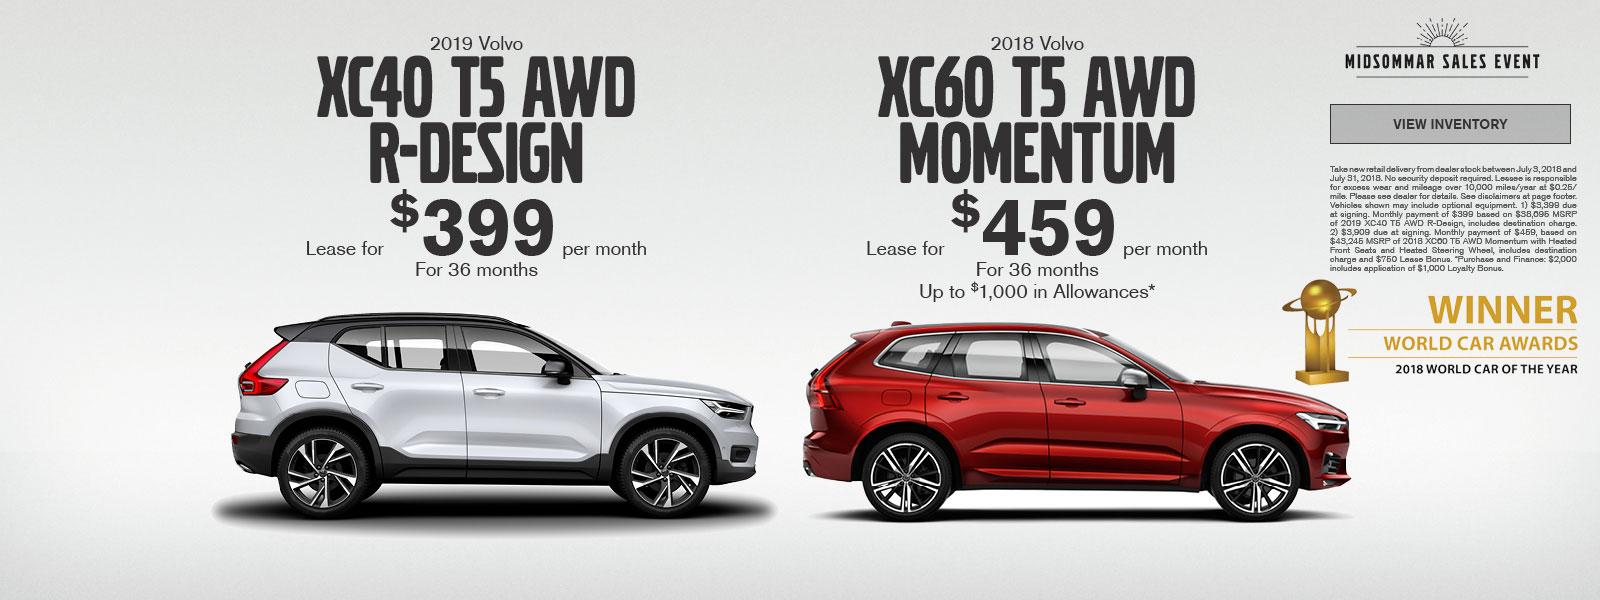 Volvo Dealer New Bern NC | Jacksonville | Morehead City | Kinston